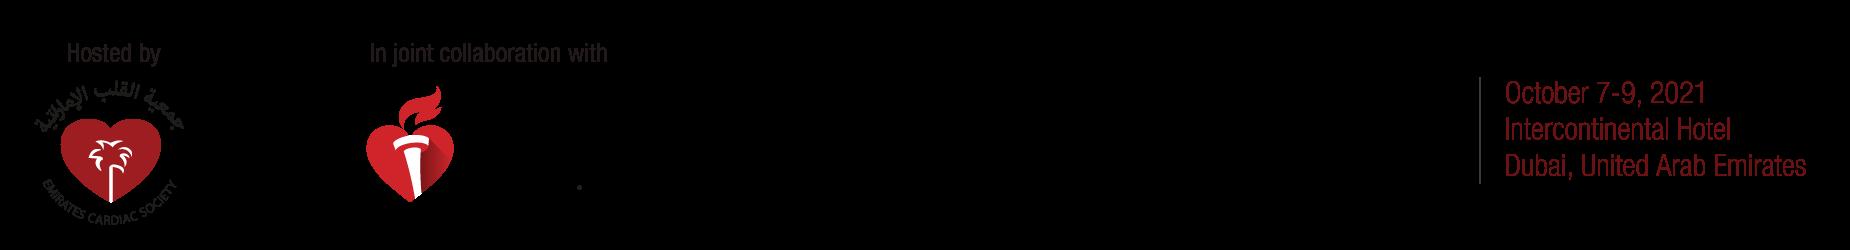 ECSAHA 2021 Hybrid